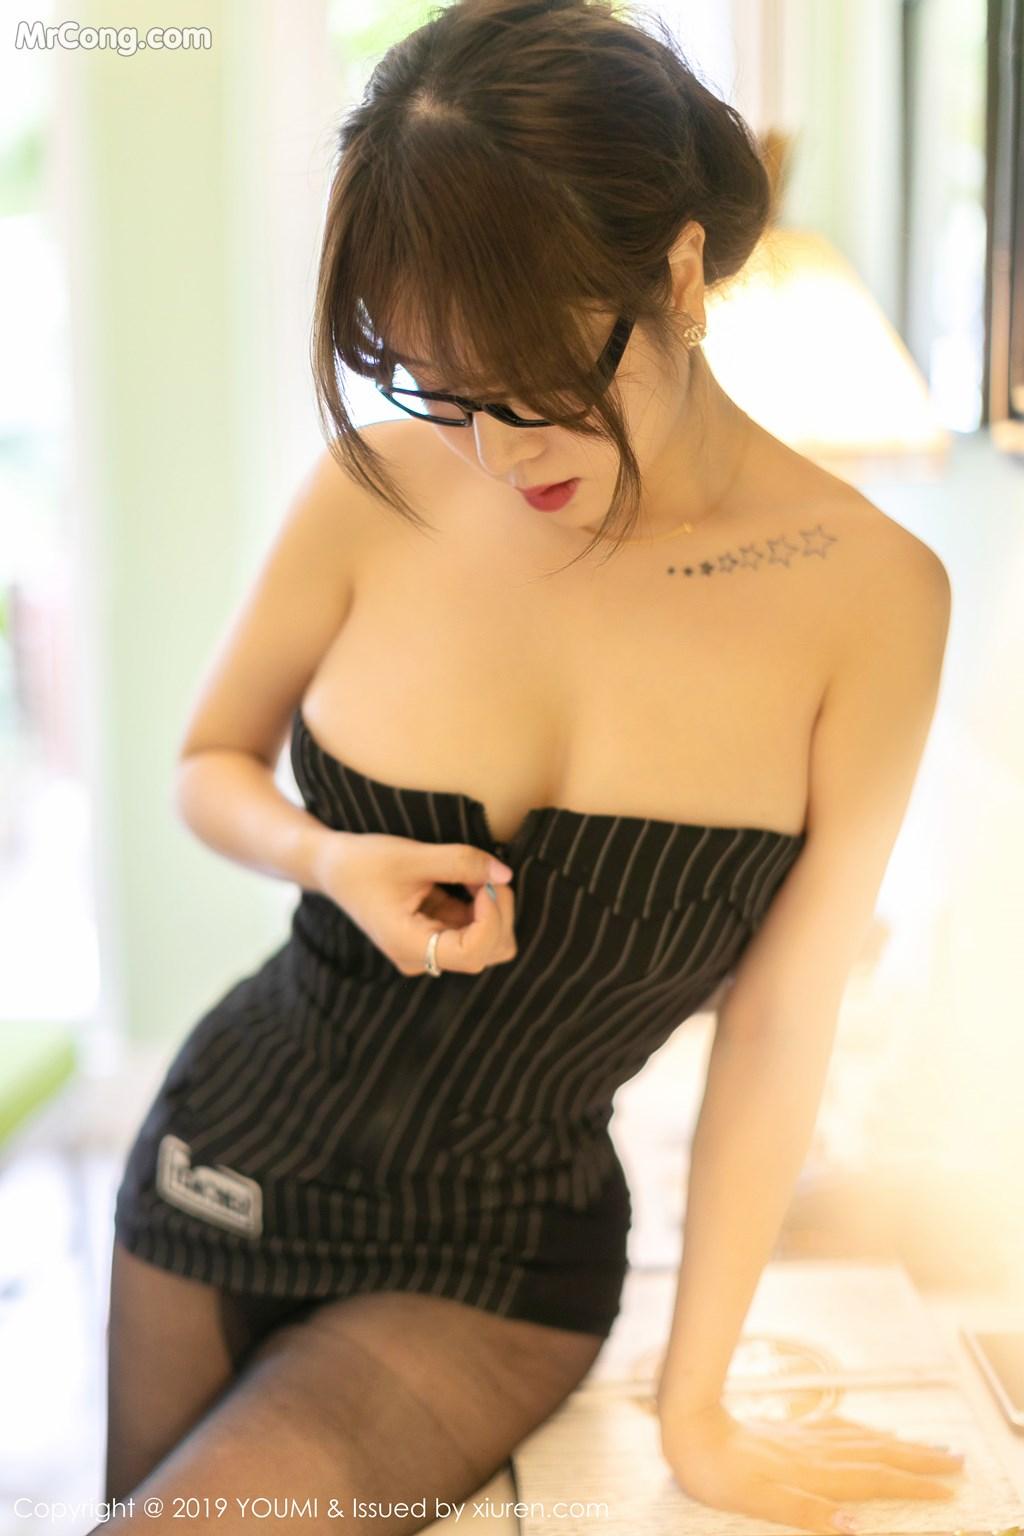 Image YouMi-Vol.307-Wang-Yu-Chun-MrCong.com-009 in post YouMi Vol.307: Wang Yu Chun (王雨纯) (50 ảnh)